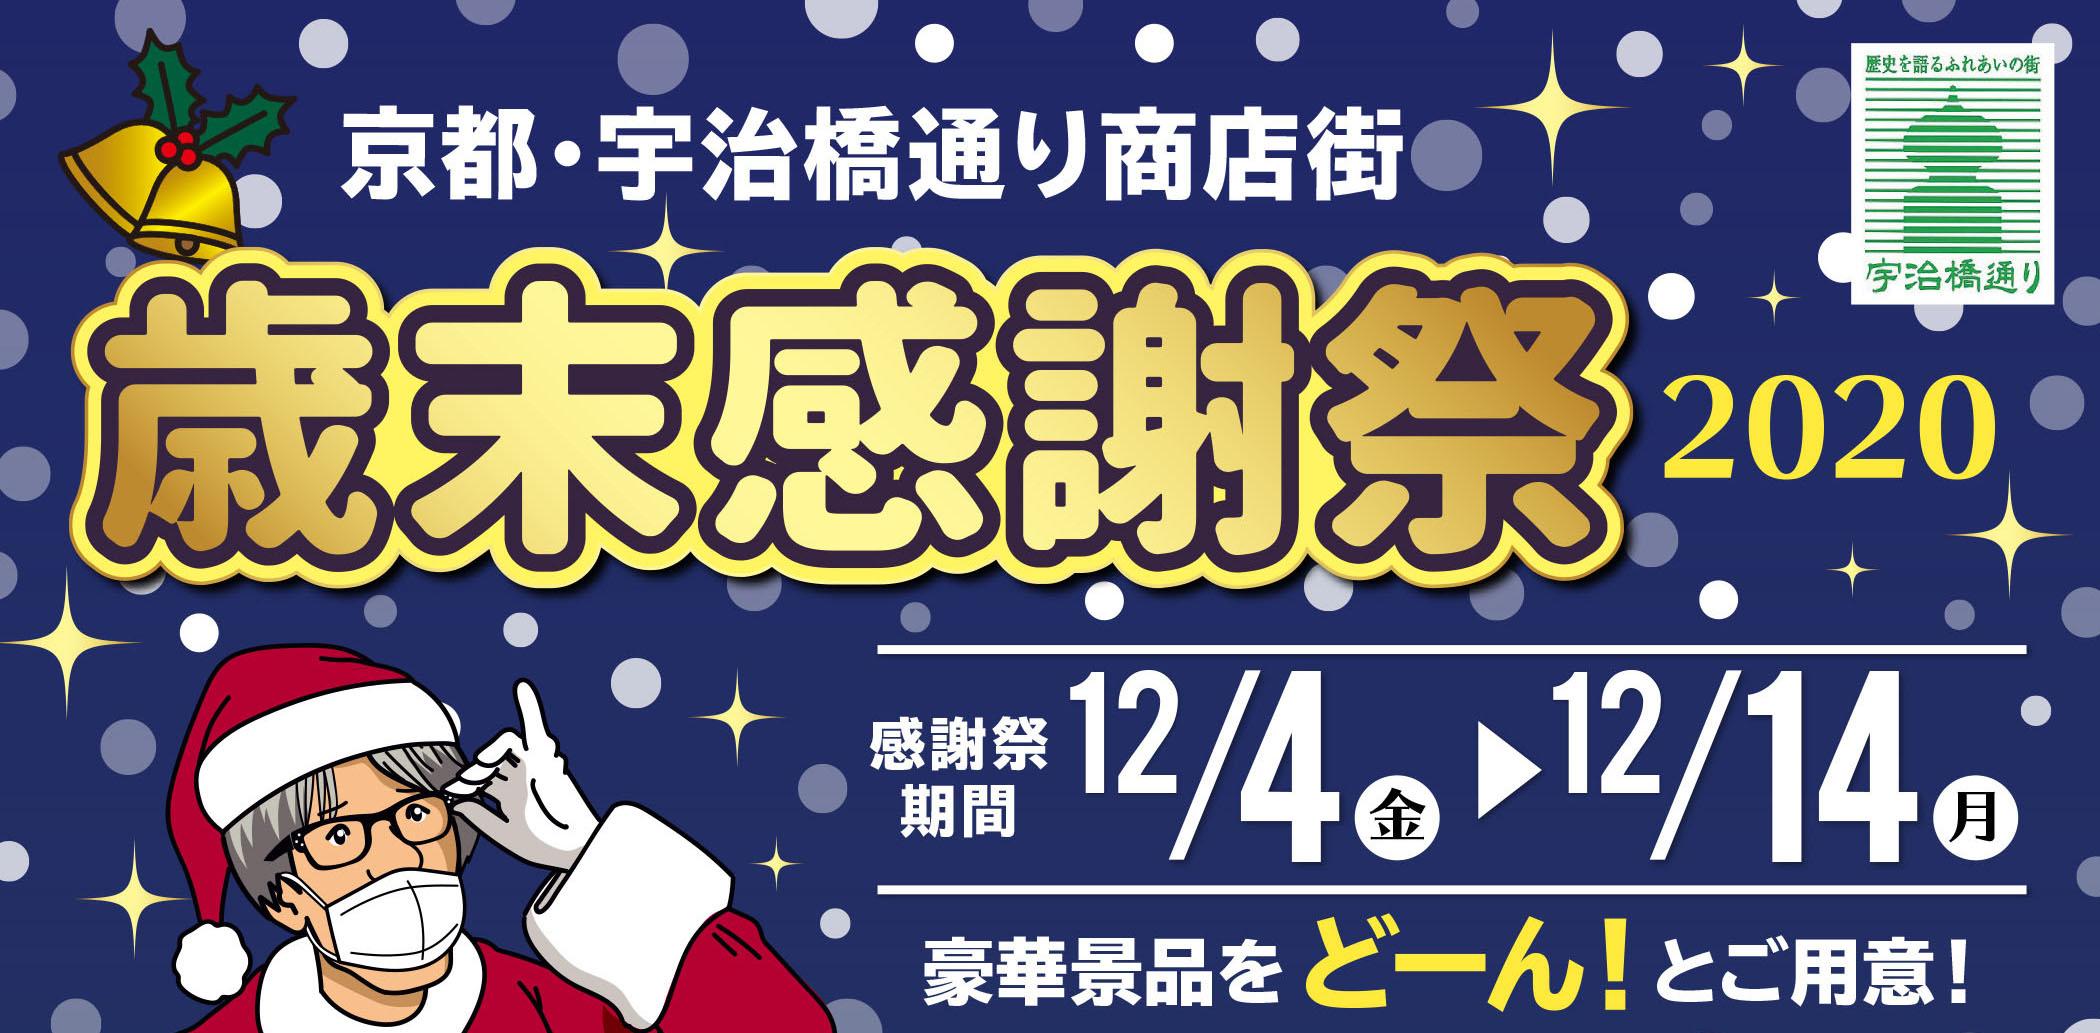 宇治橋通り商店街 歳末感謝祭|2020.12.4〜12.14 (京都府宇治市)